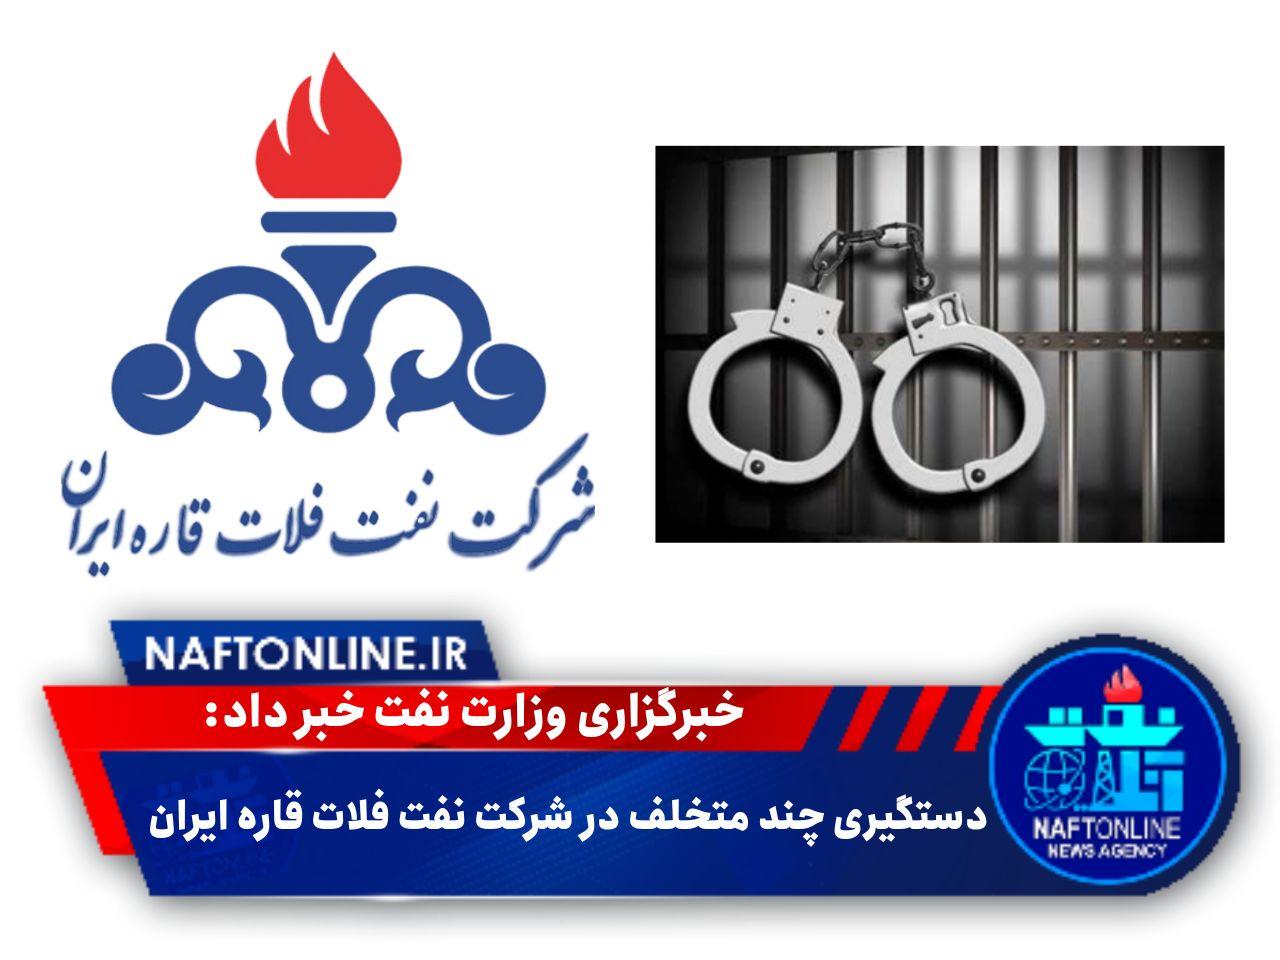 دستگیری چند متخلف در شرکت نفت فلات قاره ایران   نفت آنلاین